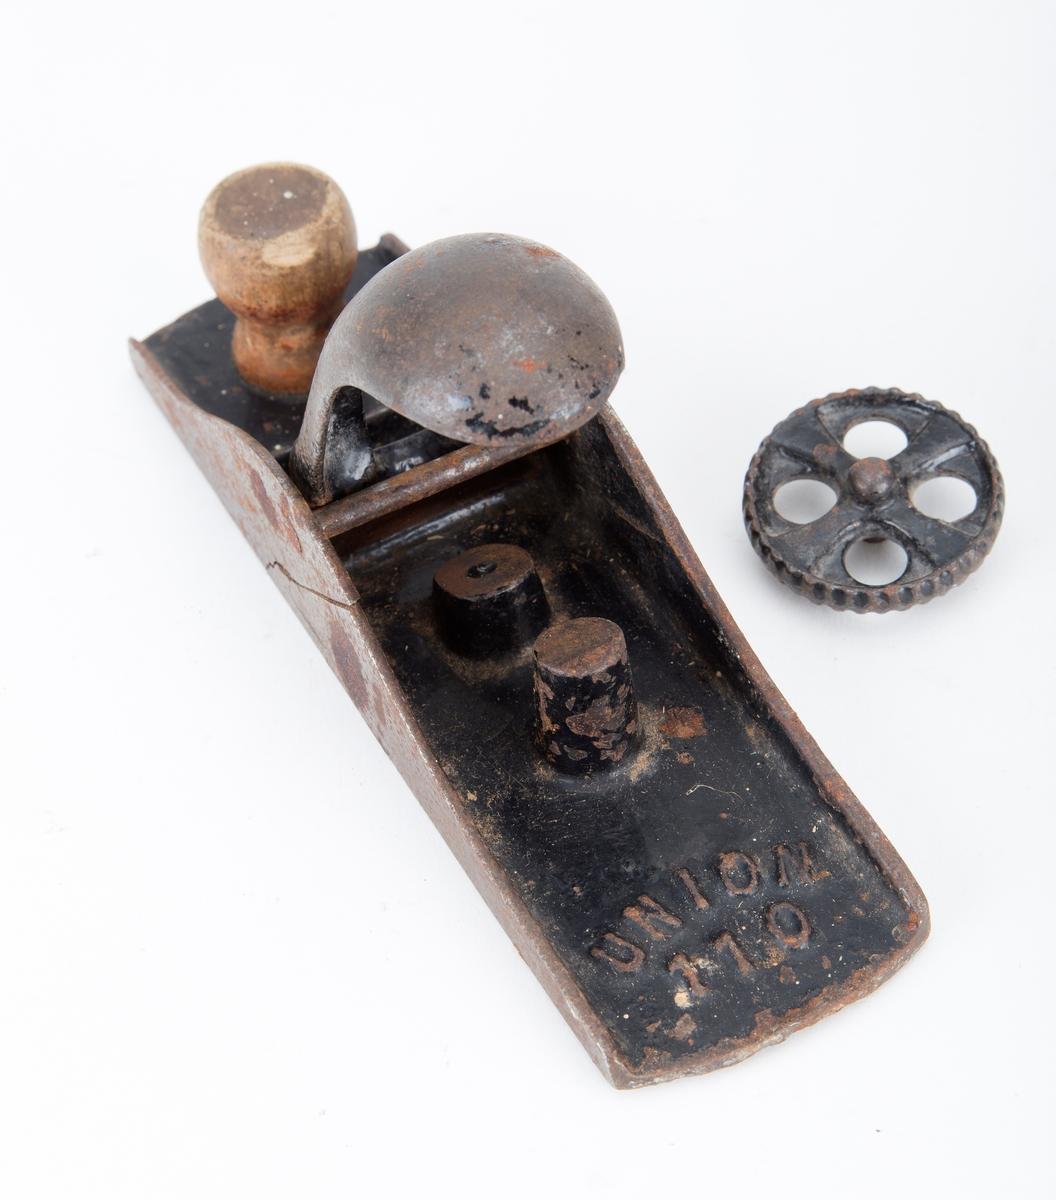 Pusshøvel, snekkerverktøy, høvelen er av stål med en liten treknott som håndtak påskrudd Tilstand: høvelen er defekt og høveltann mangler